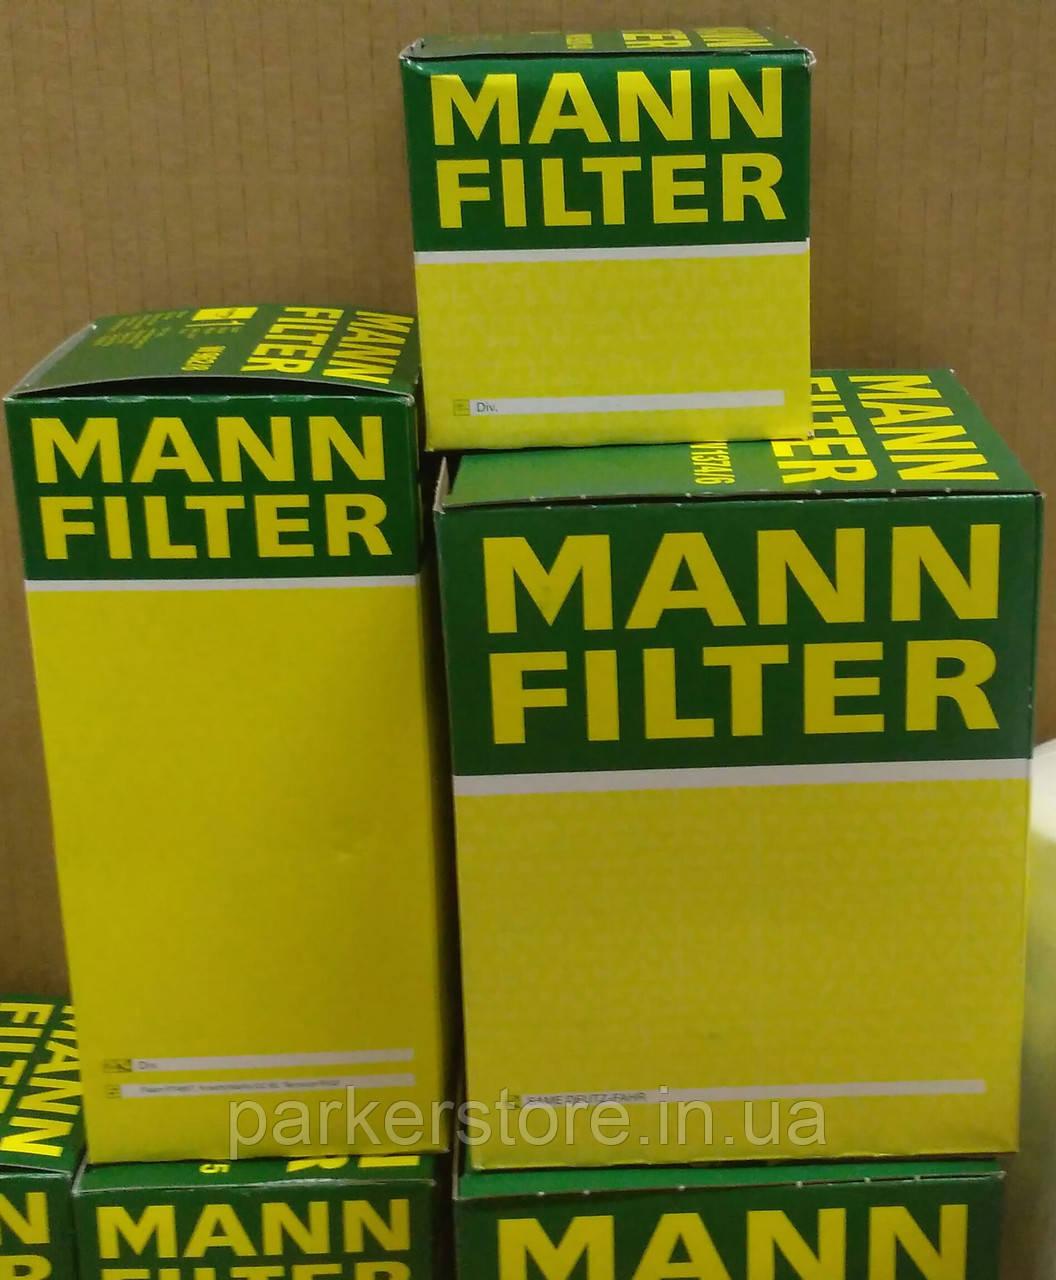 MANN FILTER / Повітряний фільтр / C 2360 / C2360